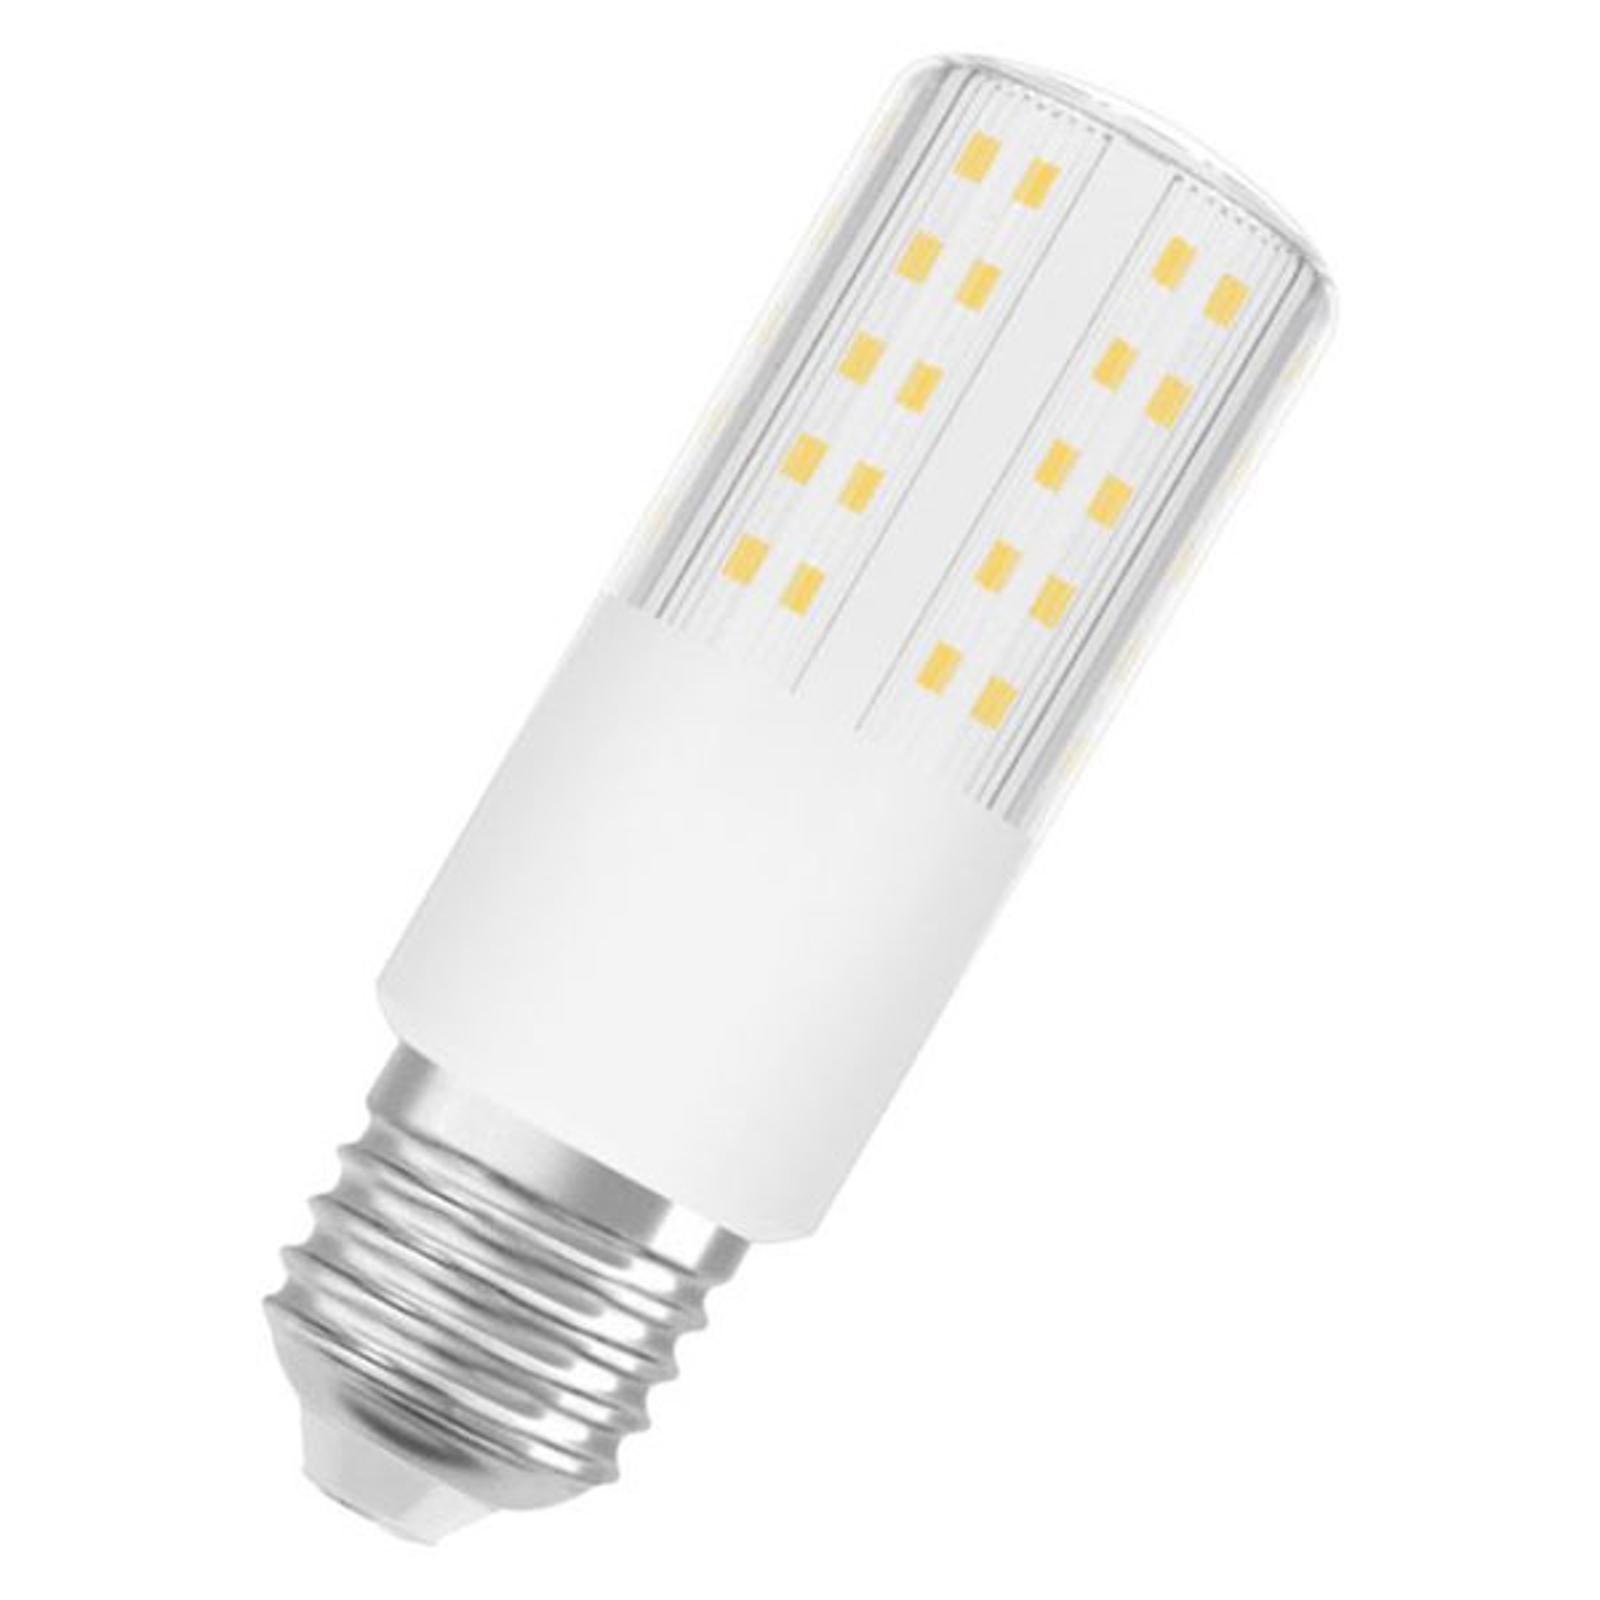 OSRAM LED-pære Special T E27 7,5W 2700K dimbar